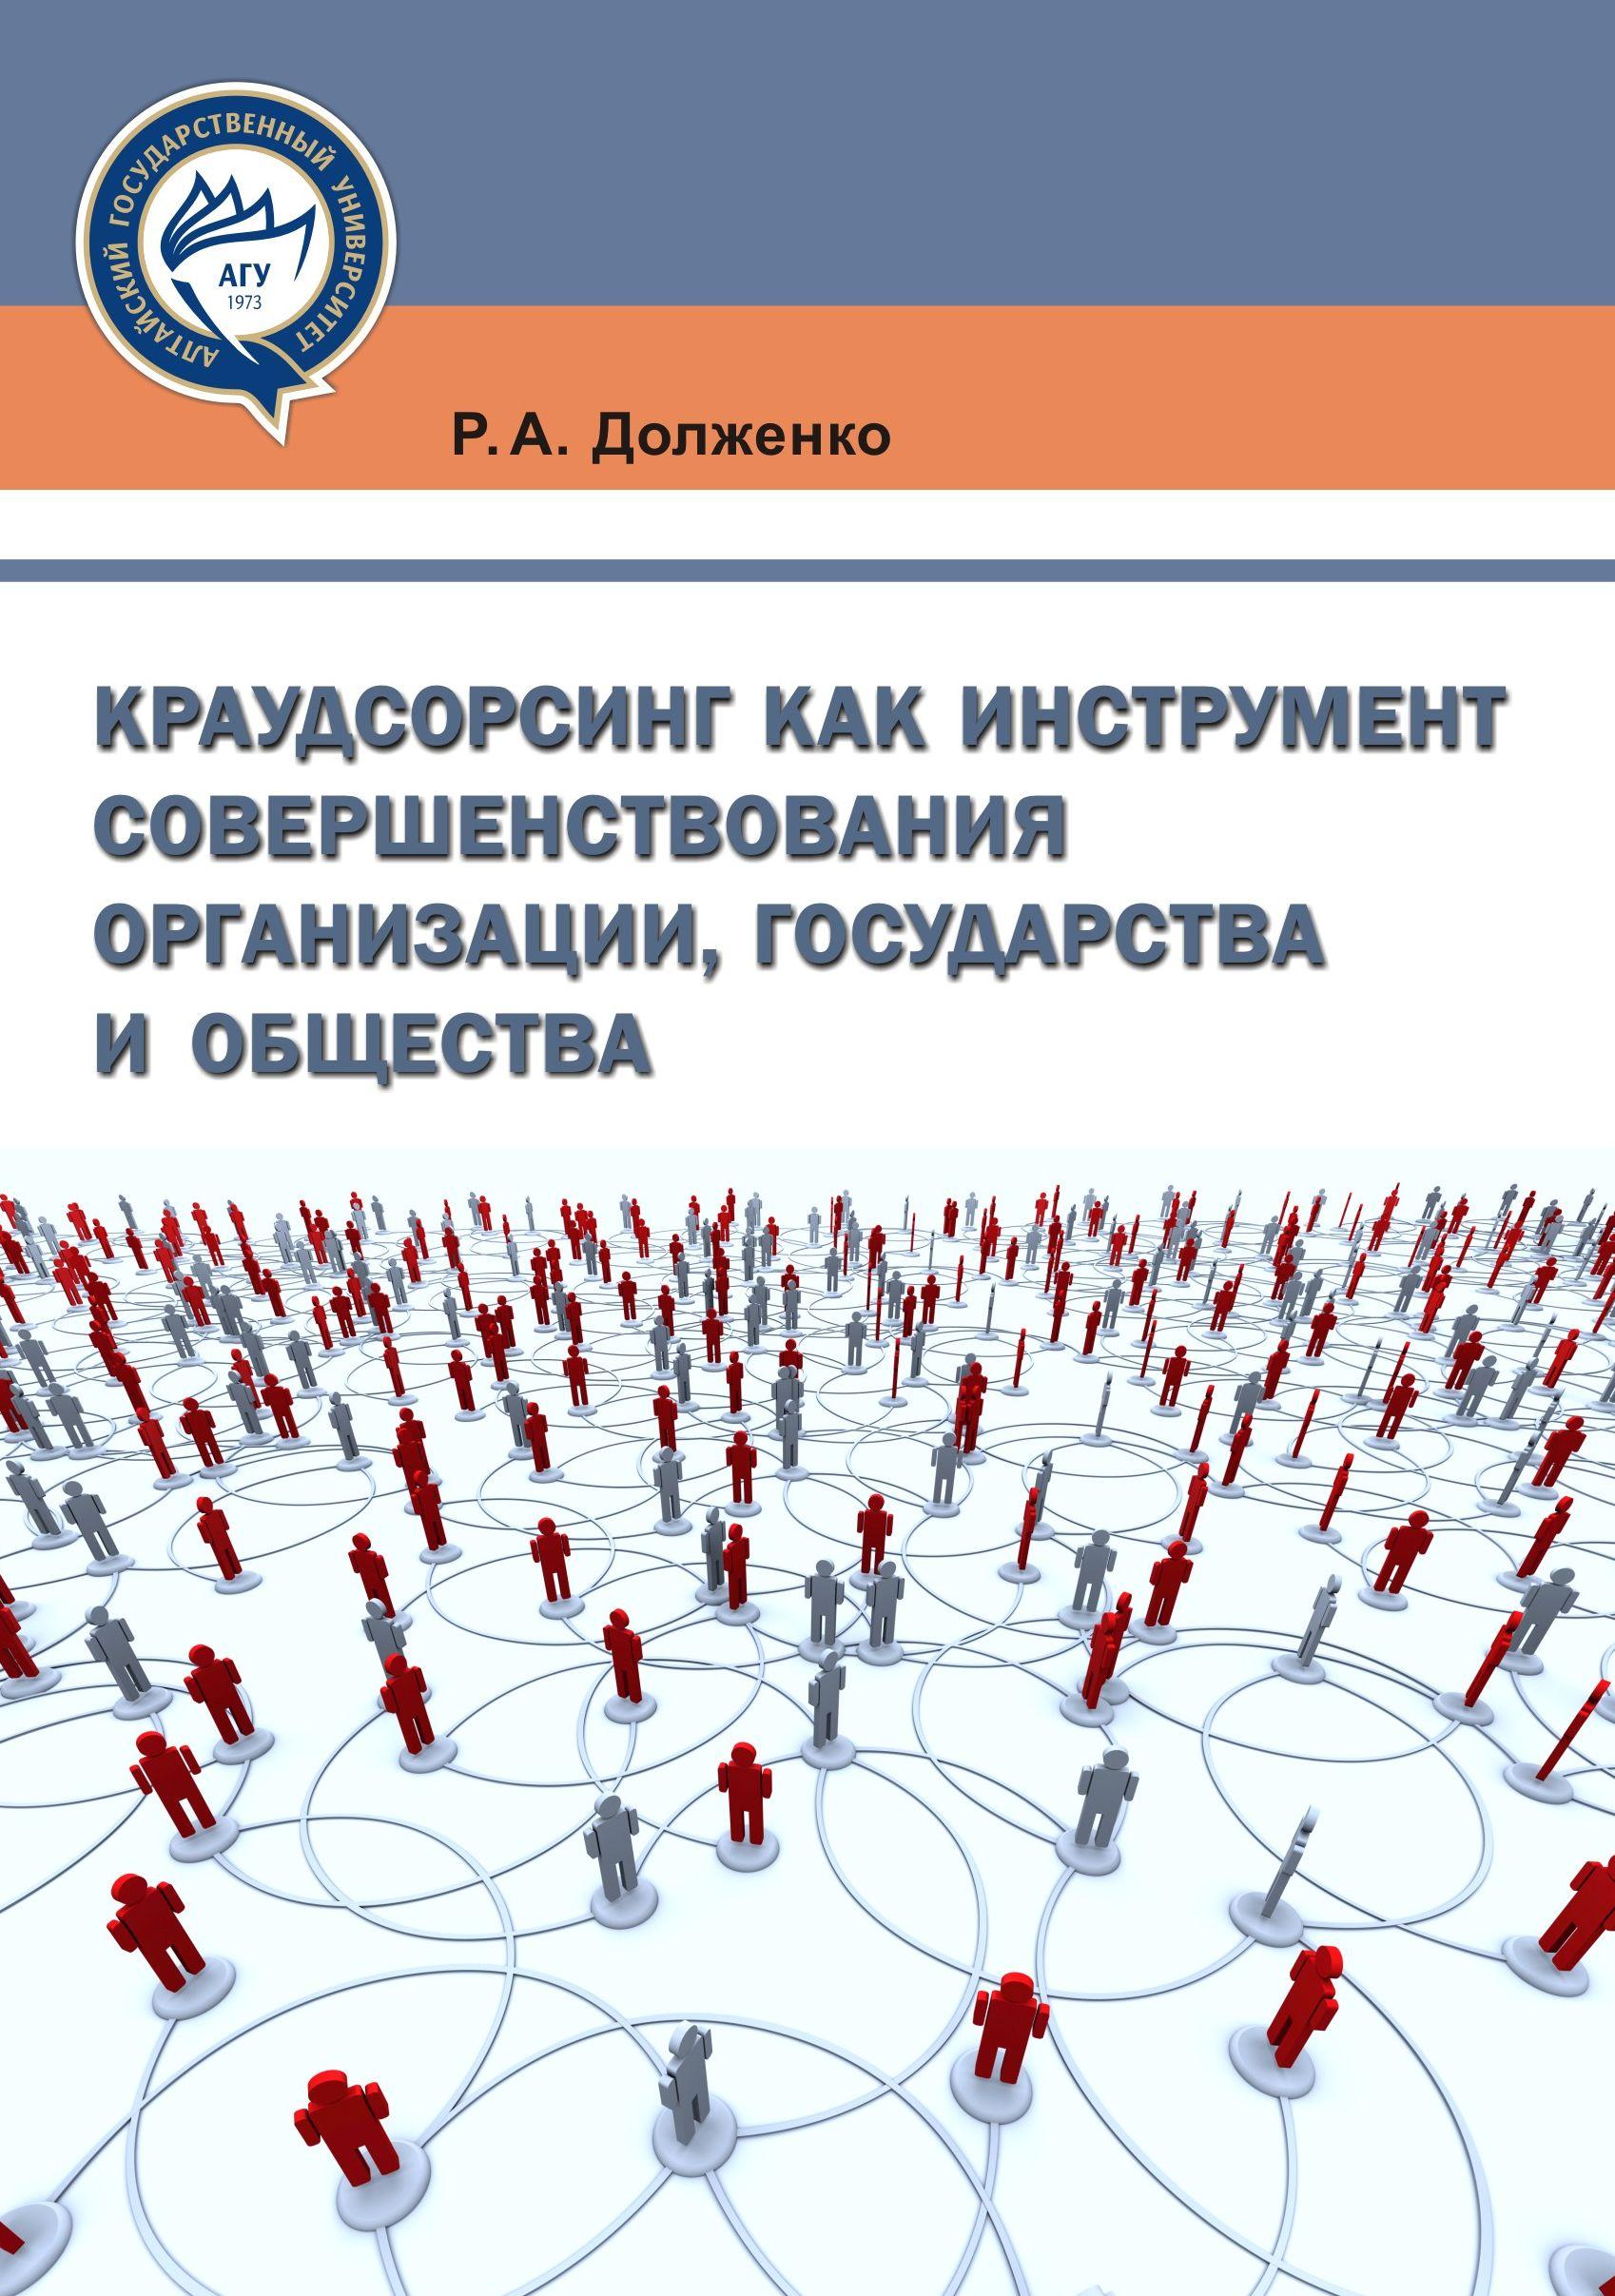 Краудсорсинг как инструмент организации взаимодействия экономики, государства и общества